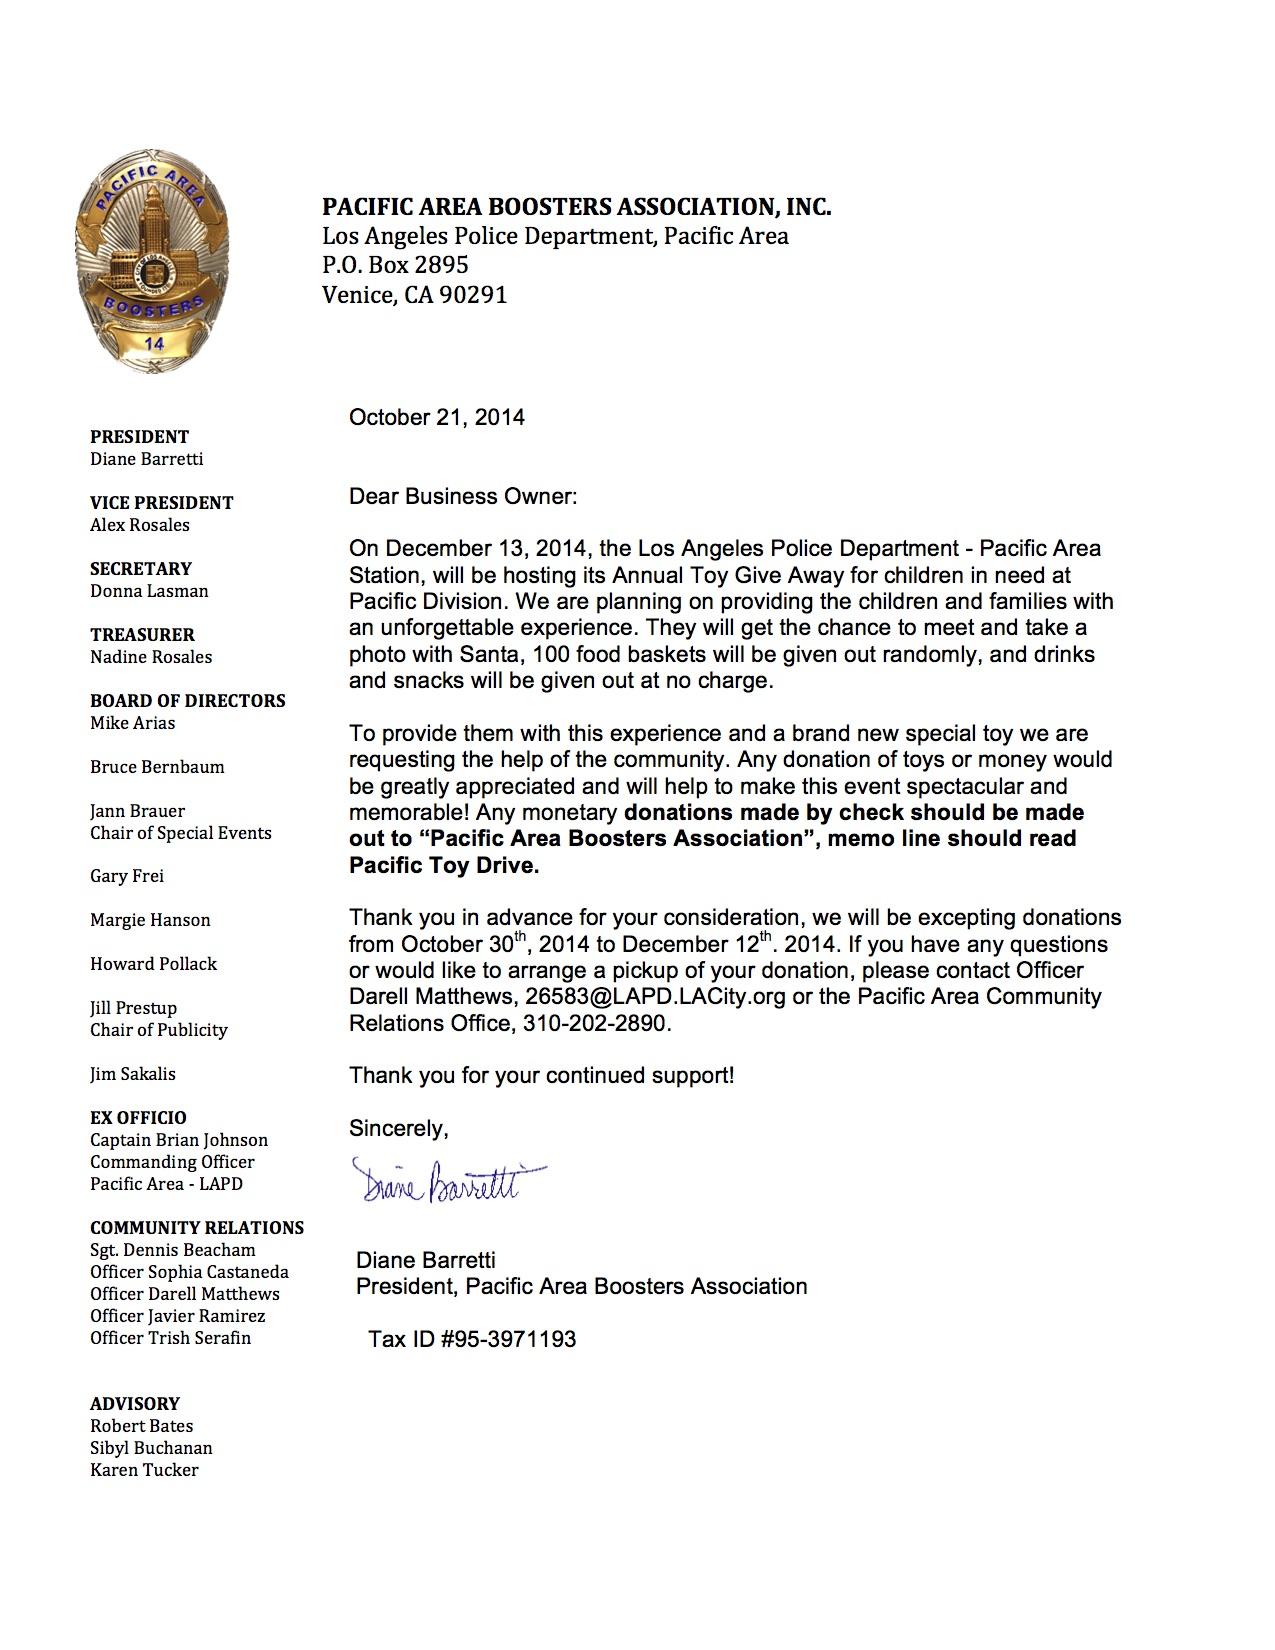 winter_wonderland_donation_letter_2014rev